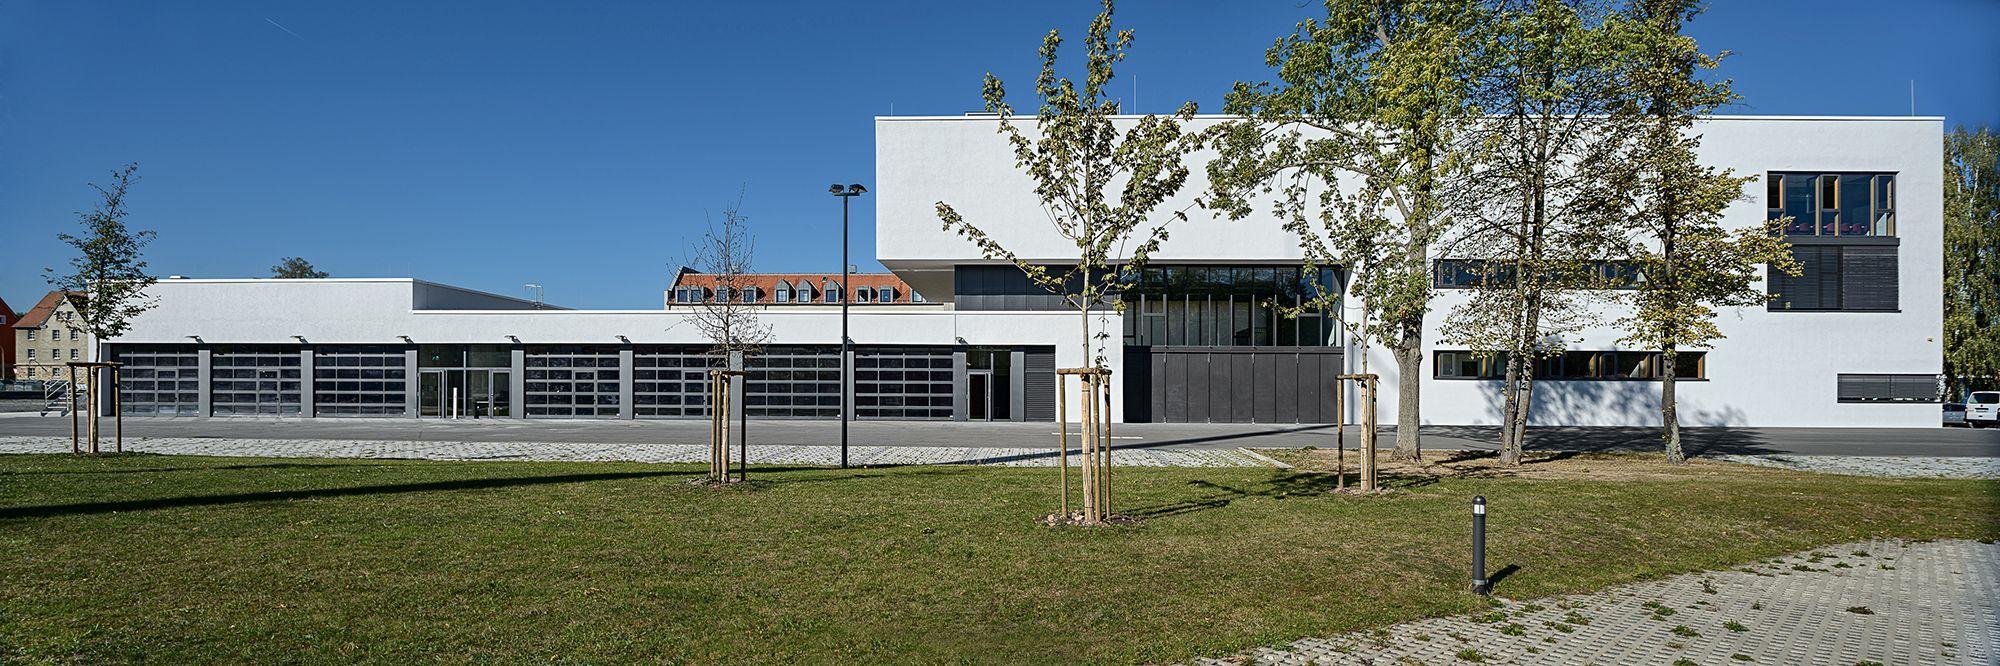 Polizeipräsidium Bayreuth Architekten Schmidt Schicketanz